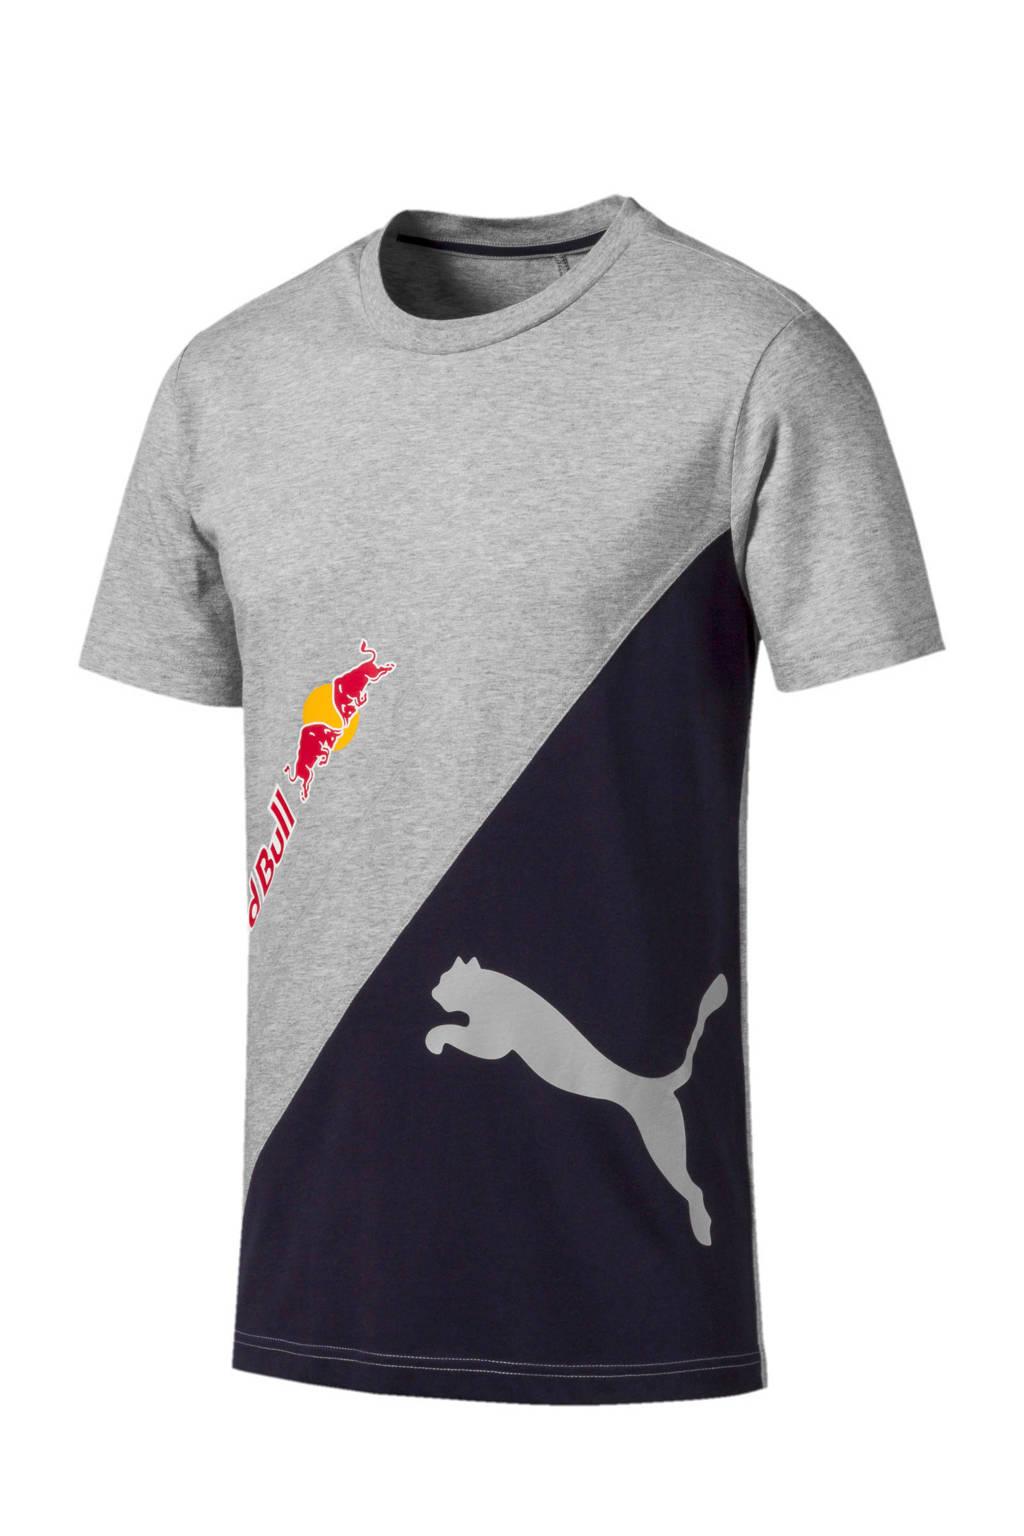 Puma   Red Bull Racing T-shirt grijs, Grijs melange/zwart